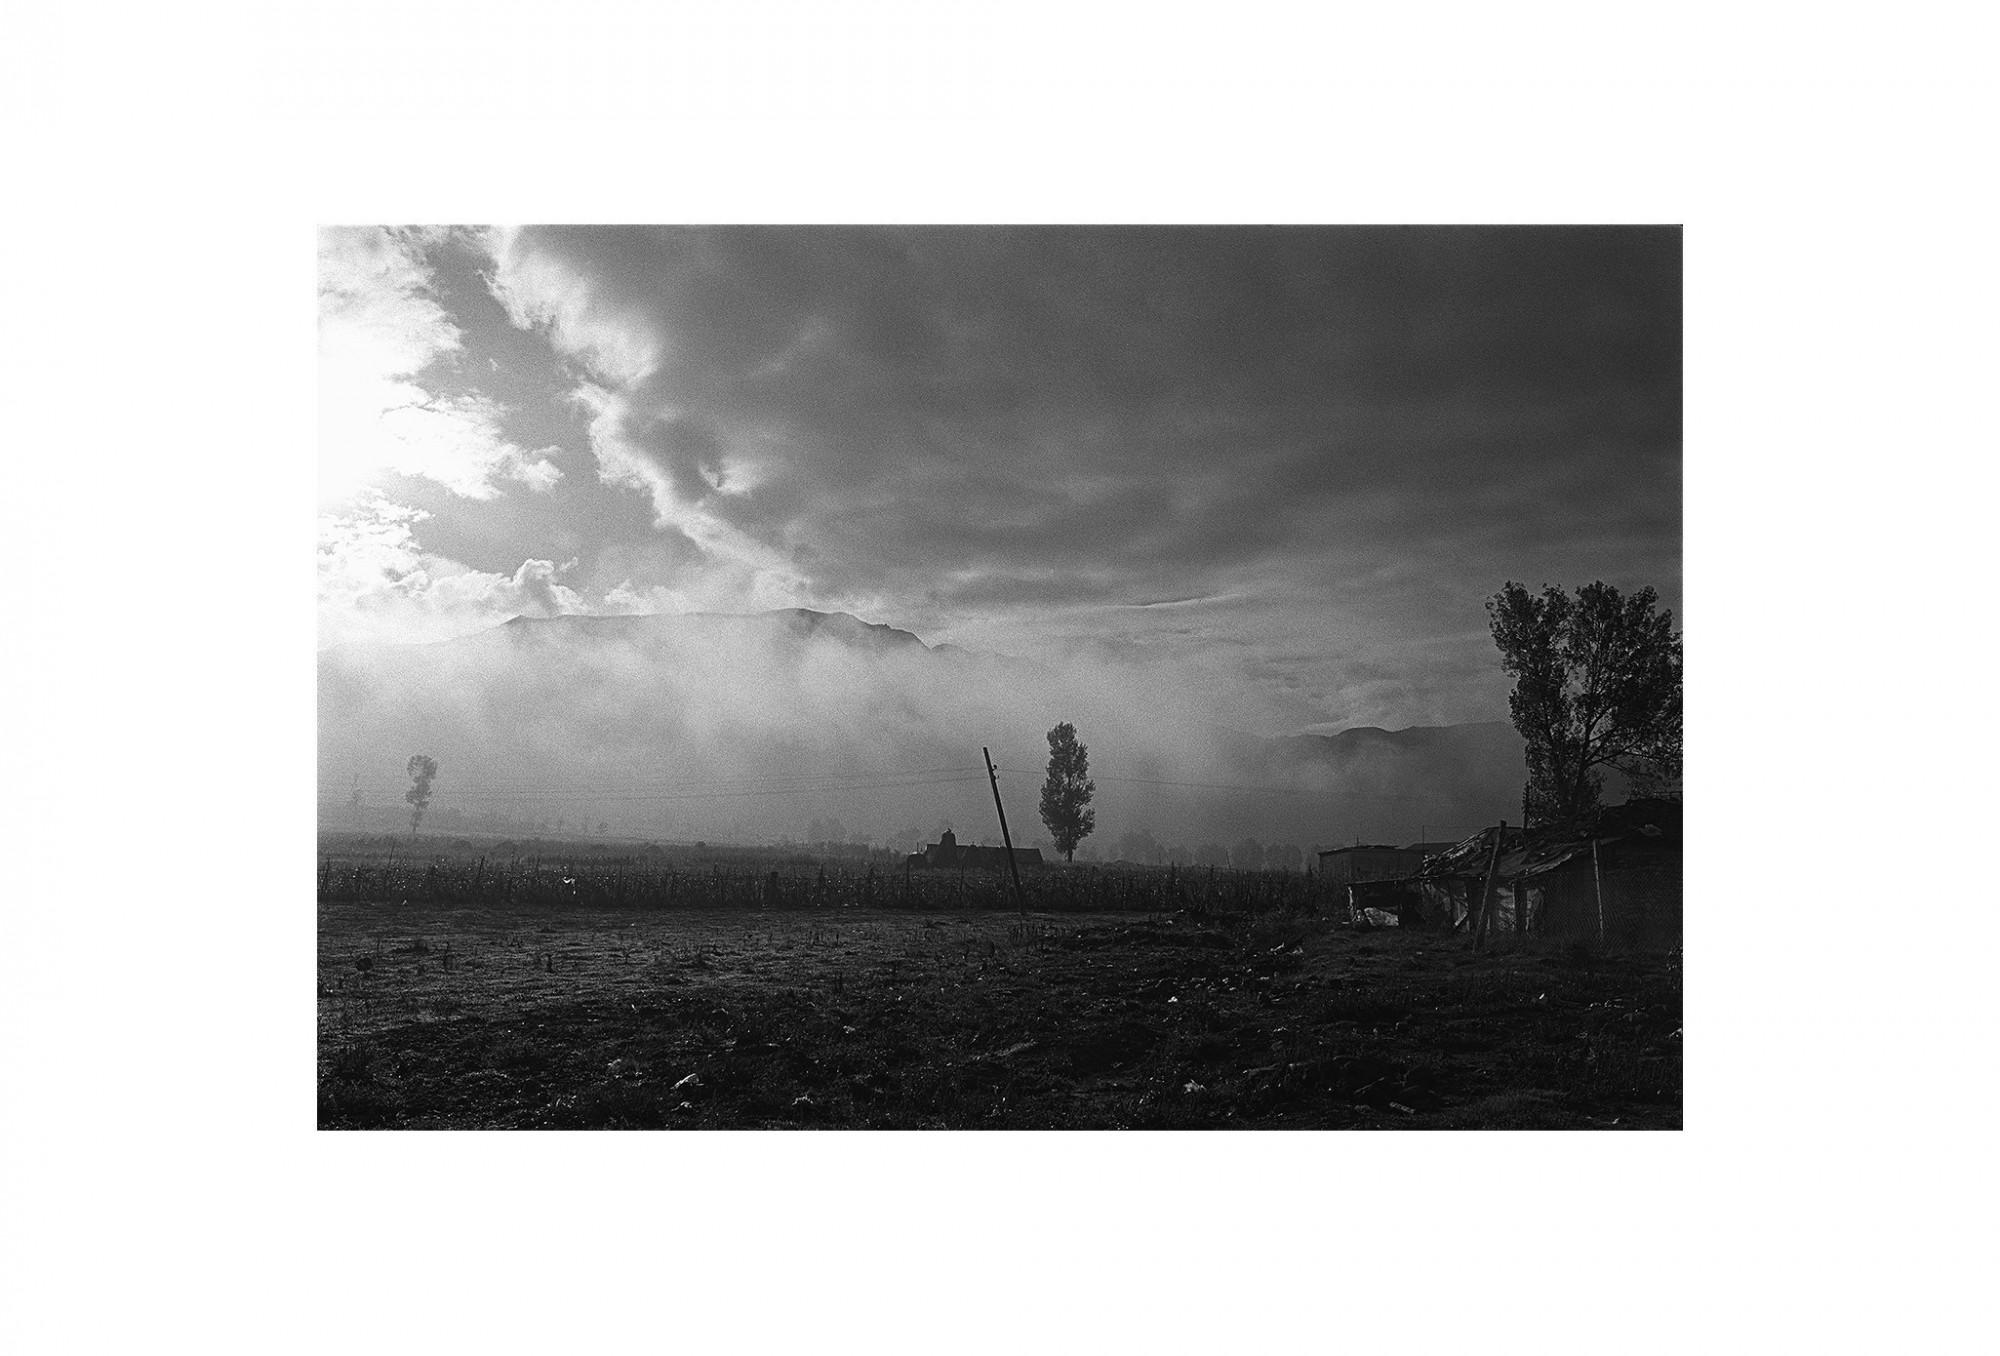 Afbeelding: Fotokunst Dominique Van Huffel, uit de reeks: Waar de sterre bleef stille staan. Waar de wolken drijven, Albanië.